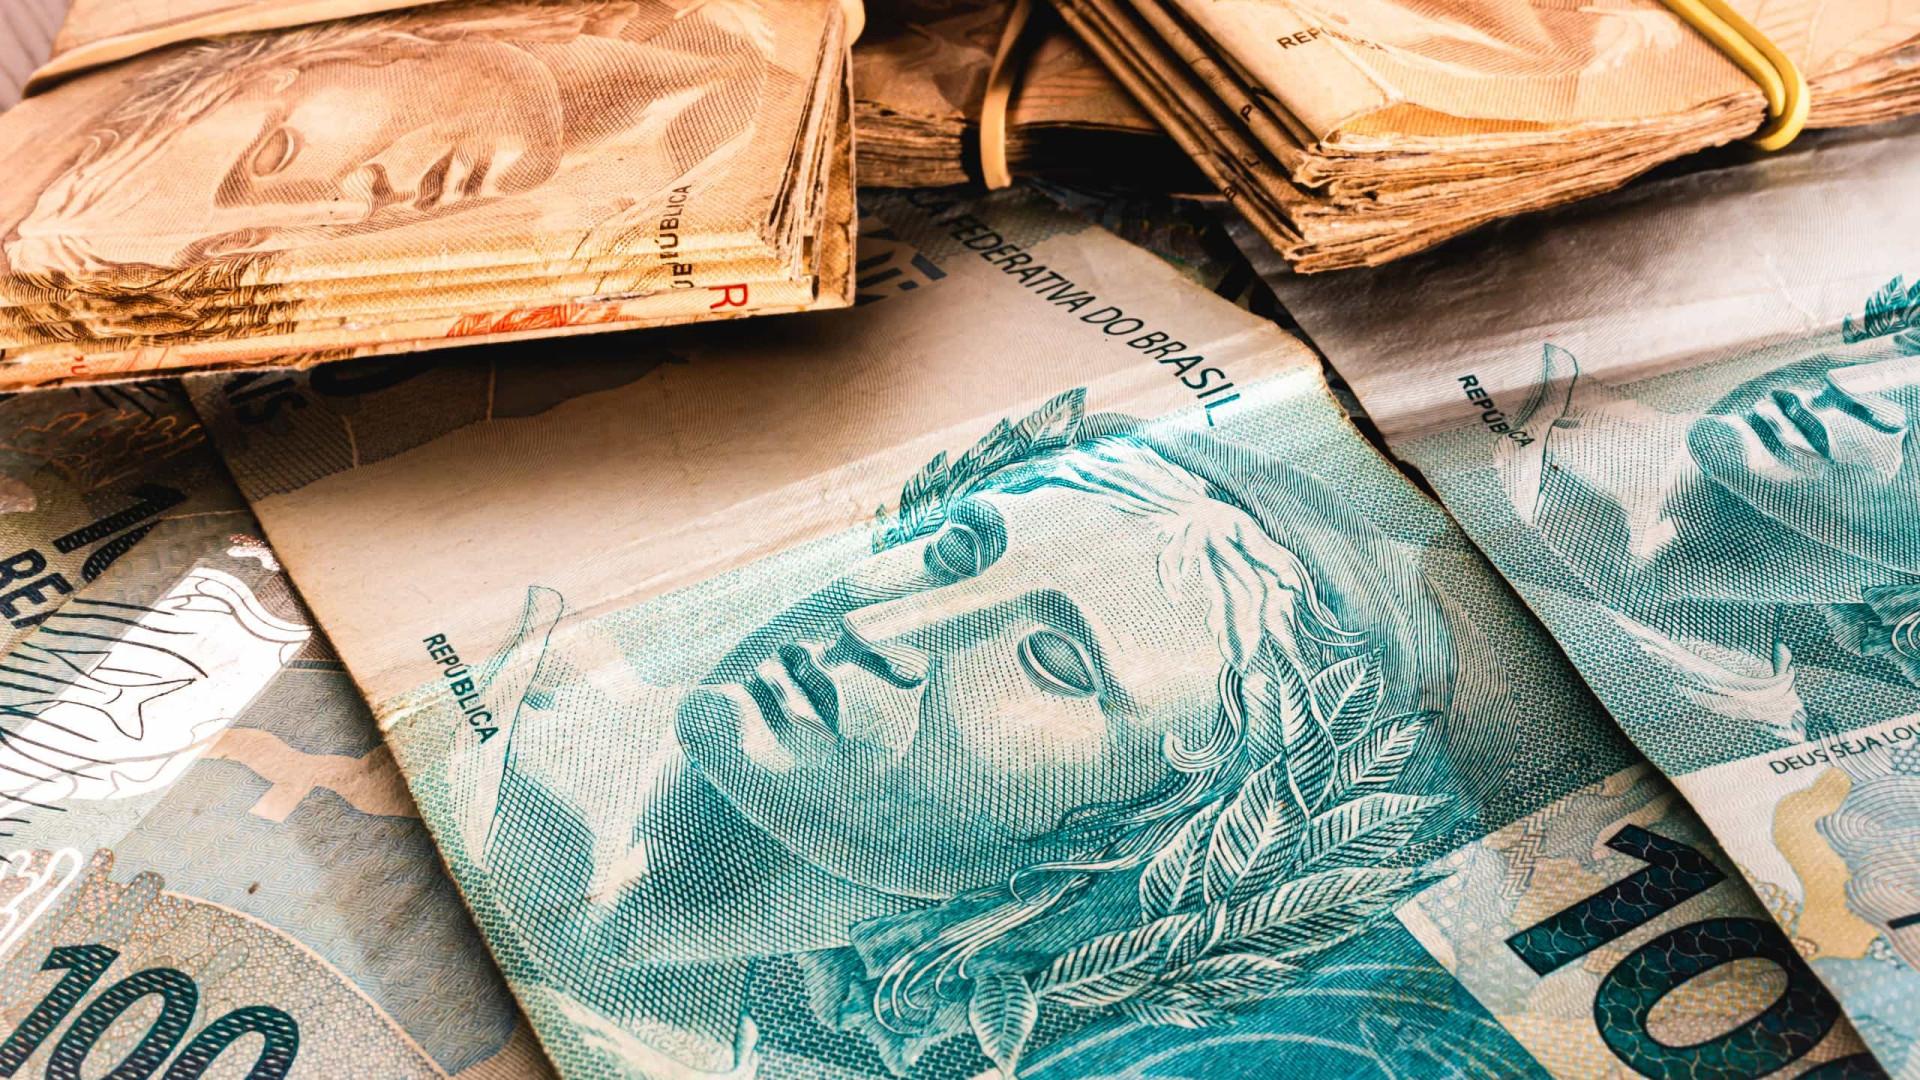 Tribunal do Trabalho acha R$ 33,8 mi esquecidos em contas judiciais